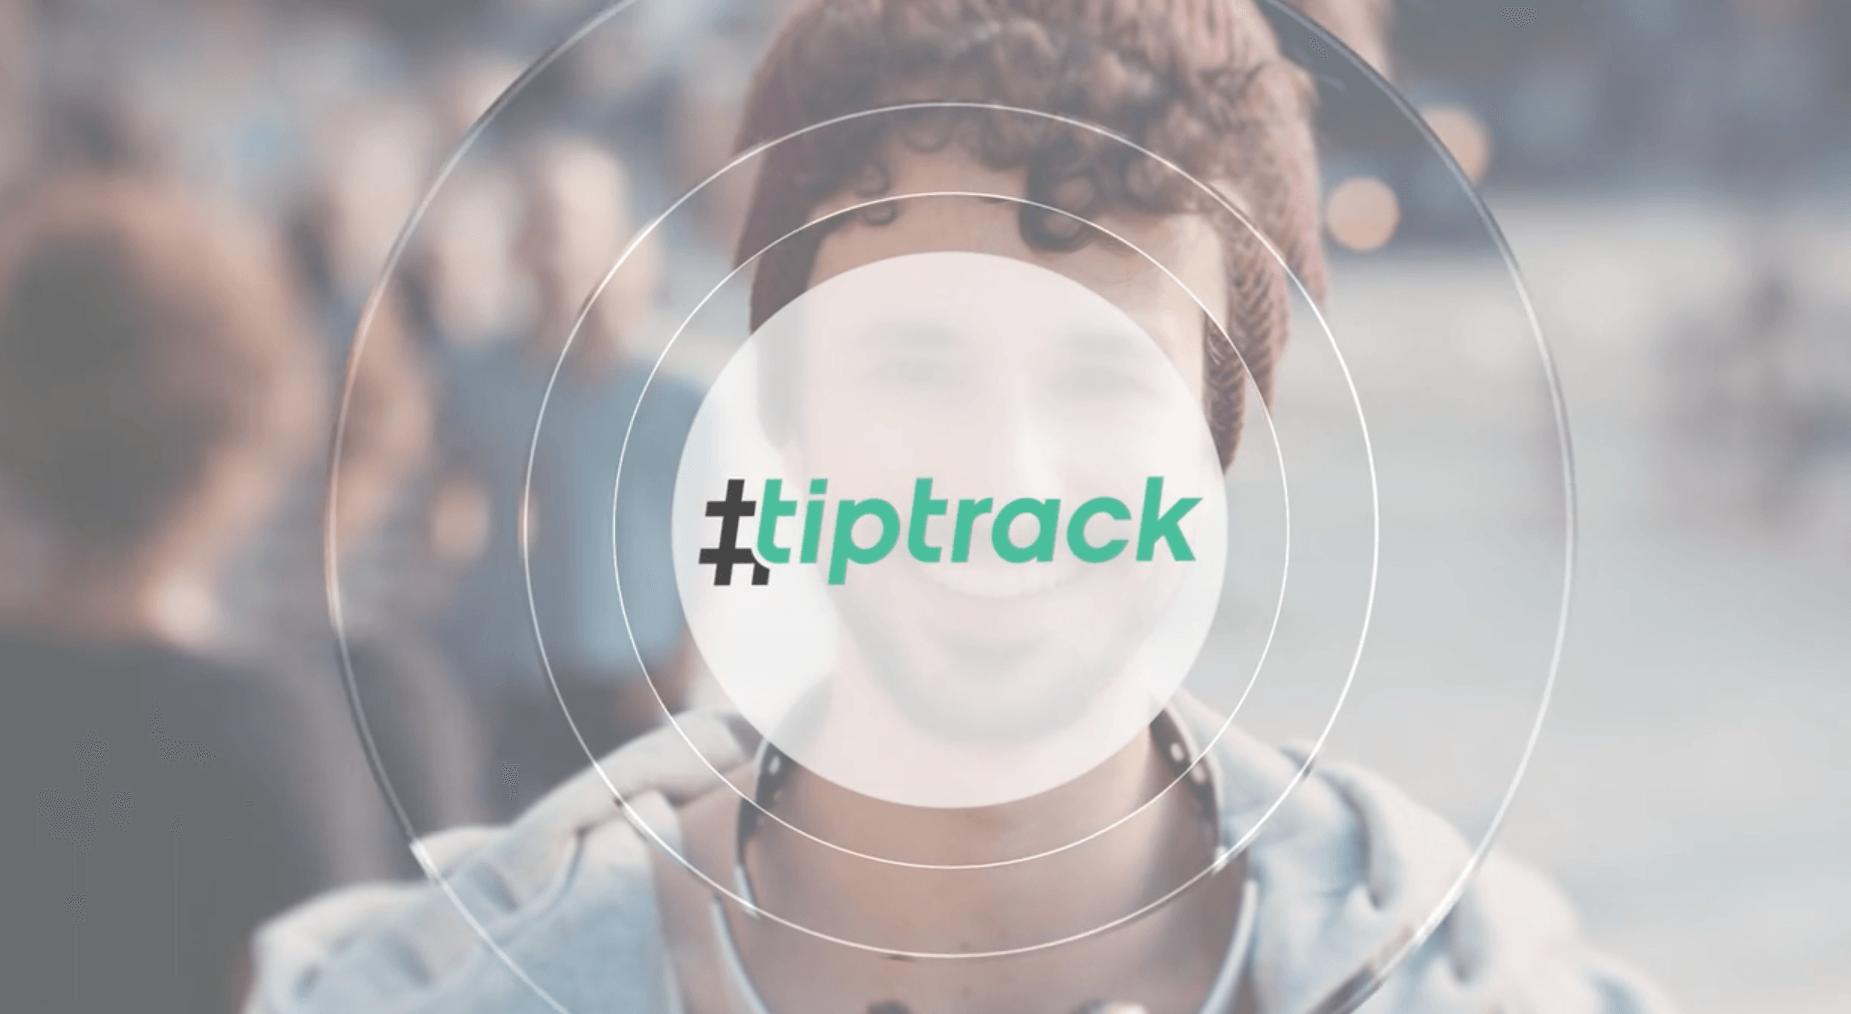 Tiptrack